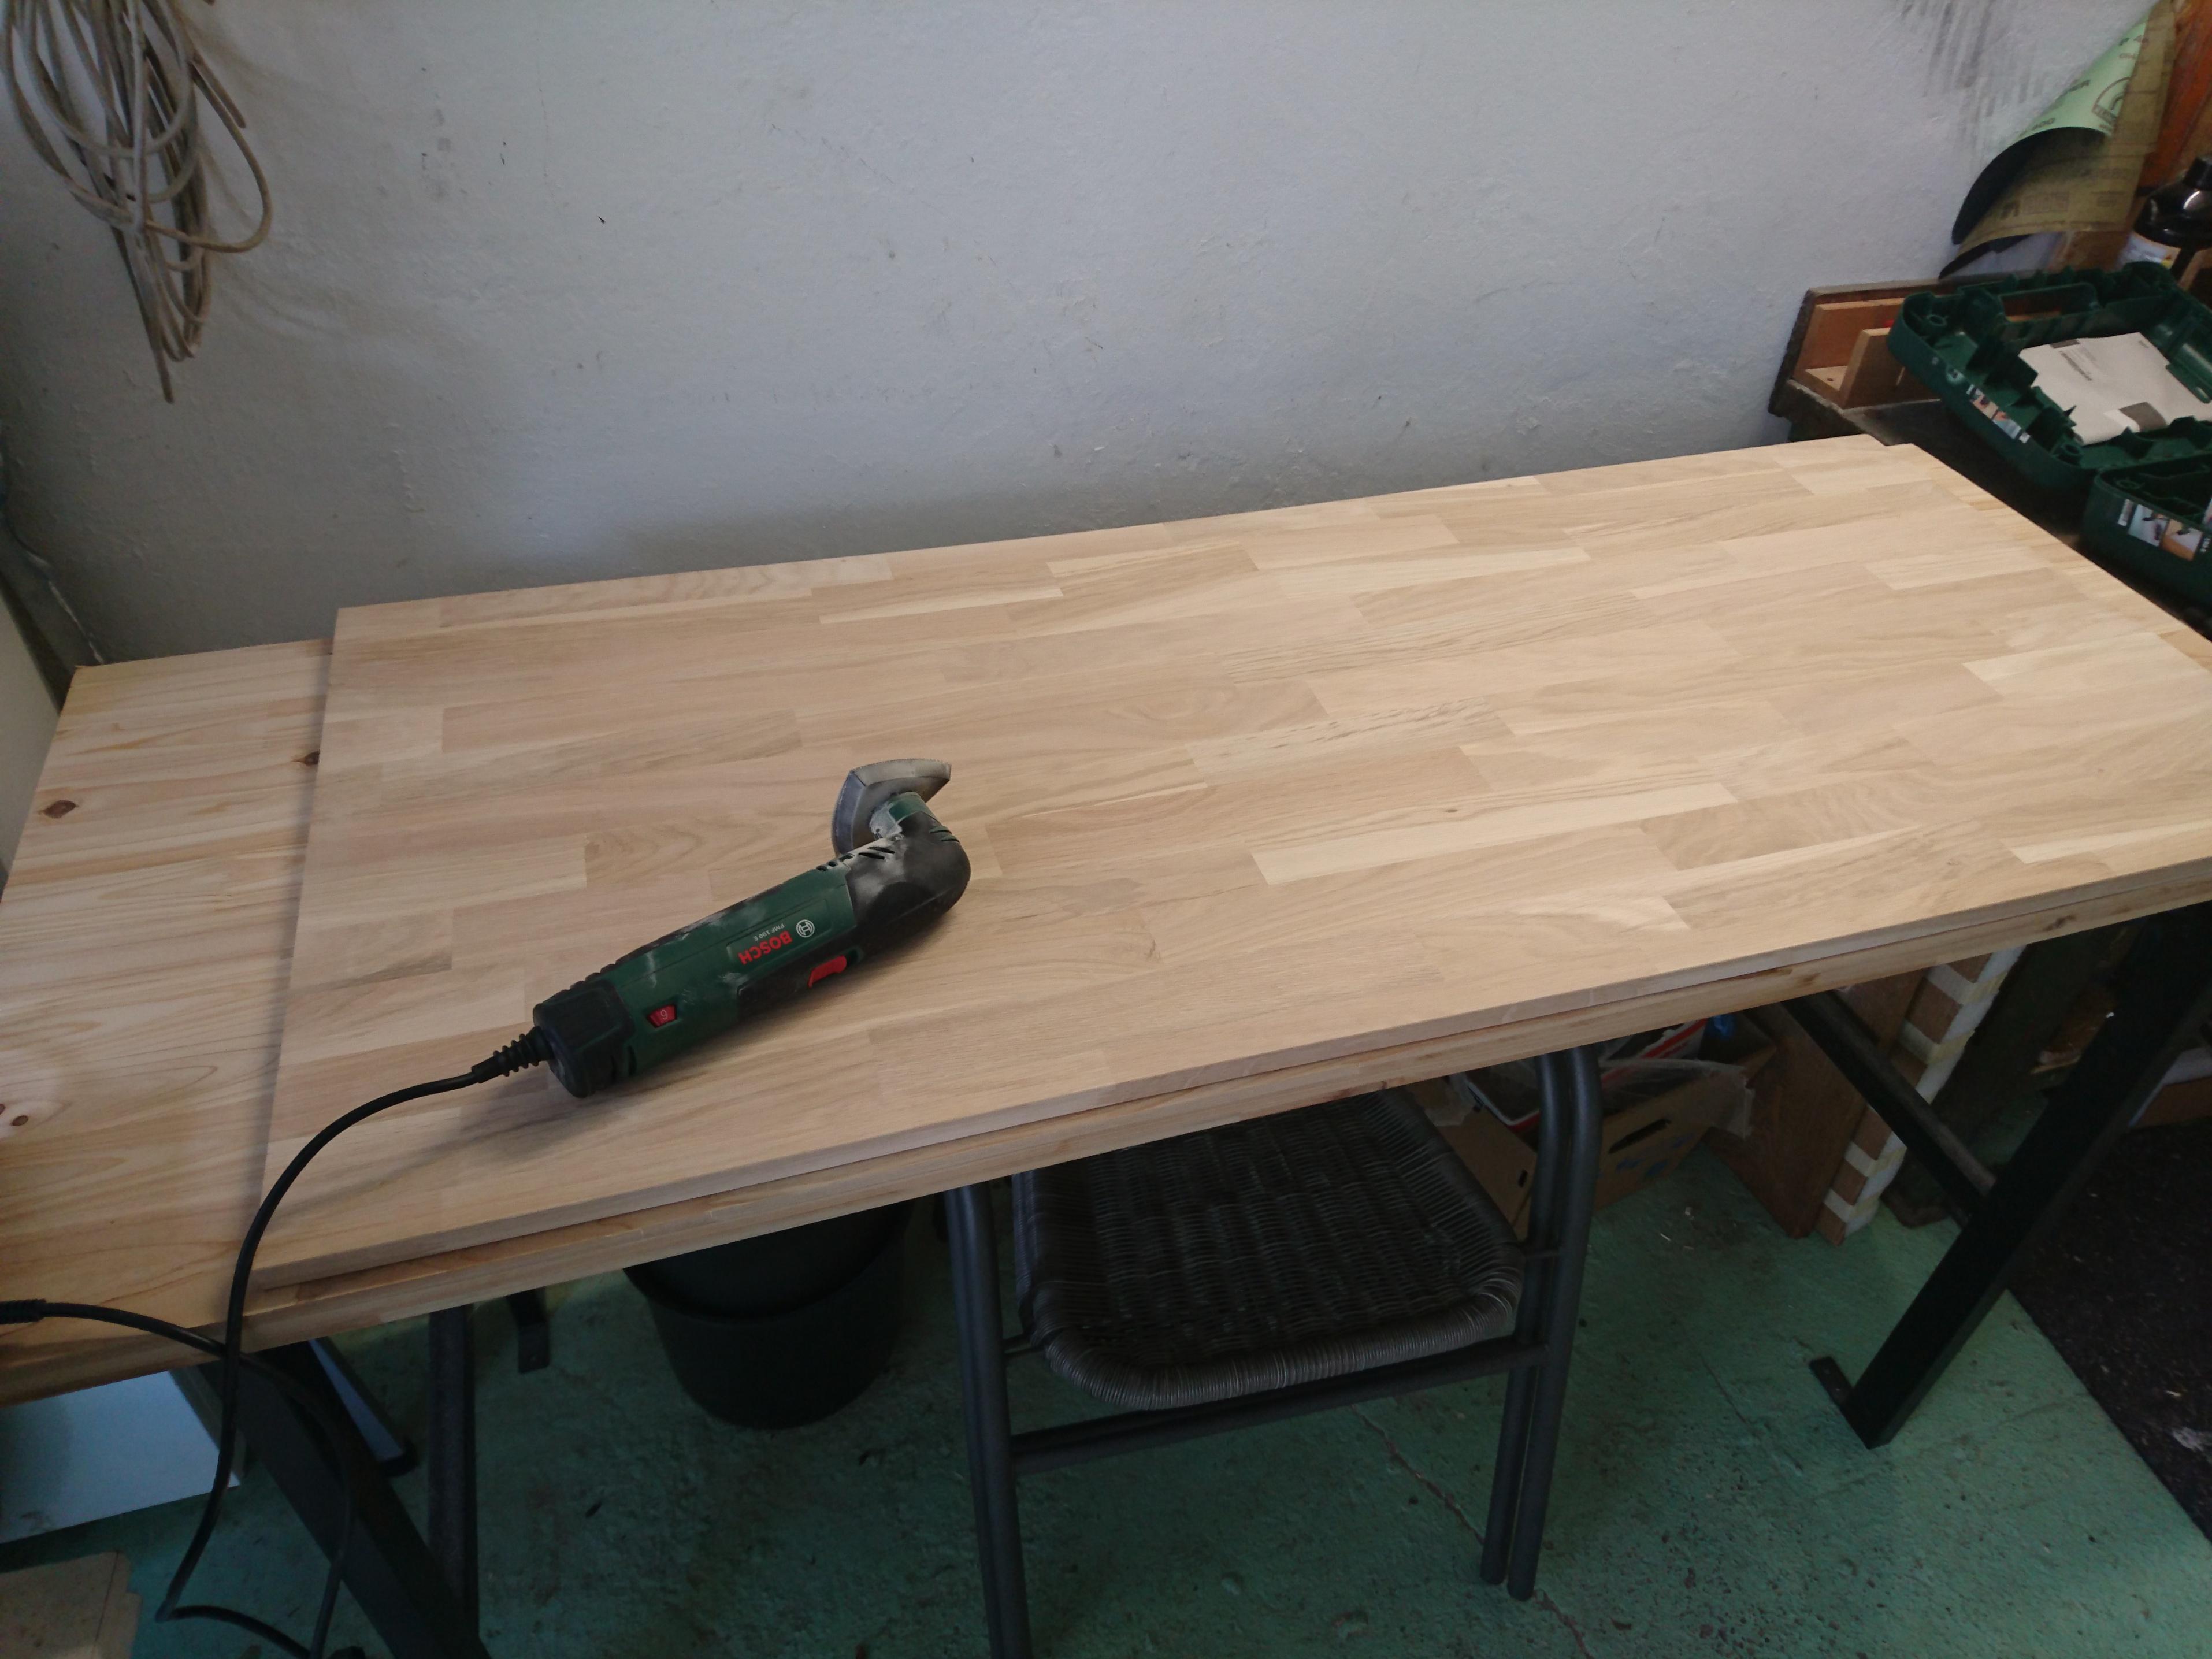 mein projekt einen tisch wandpc zu bauen. Black Bedroom Furniture Sets. Home Design Ideas